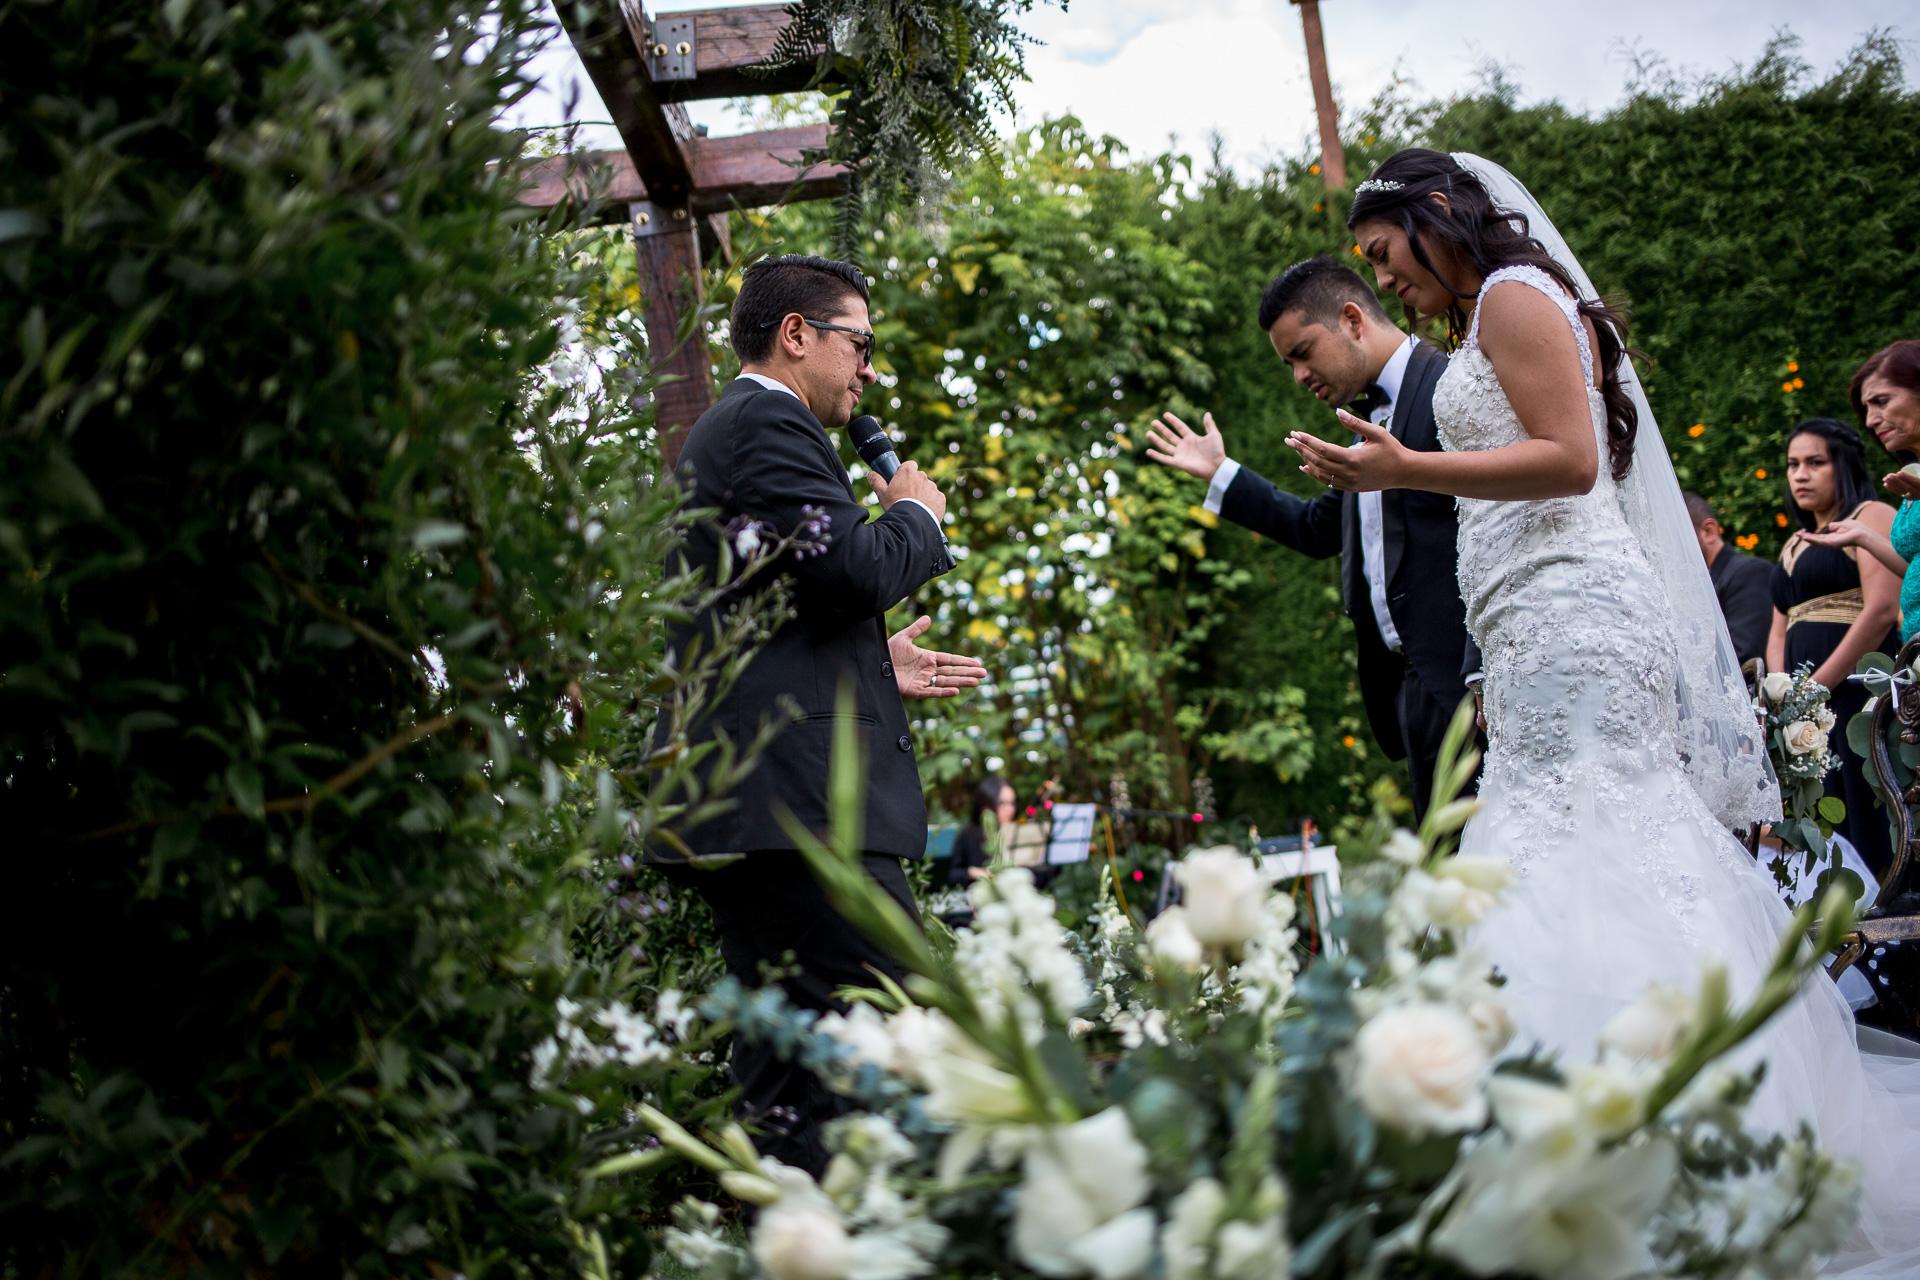 Fotógrafos-de-bodas-en-Colombia-Alejandro-y-Angelica-20 ALEJANDRO + ANGELICA